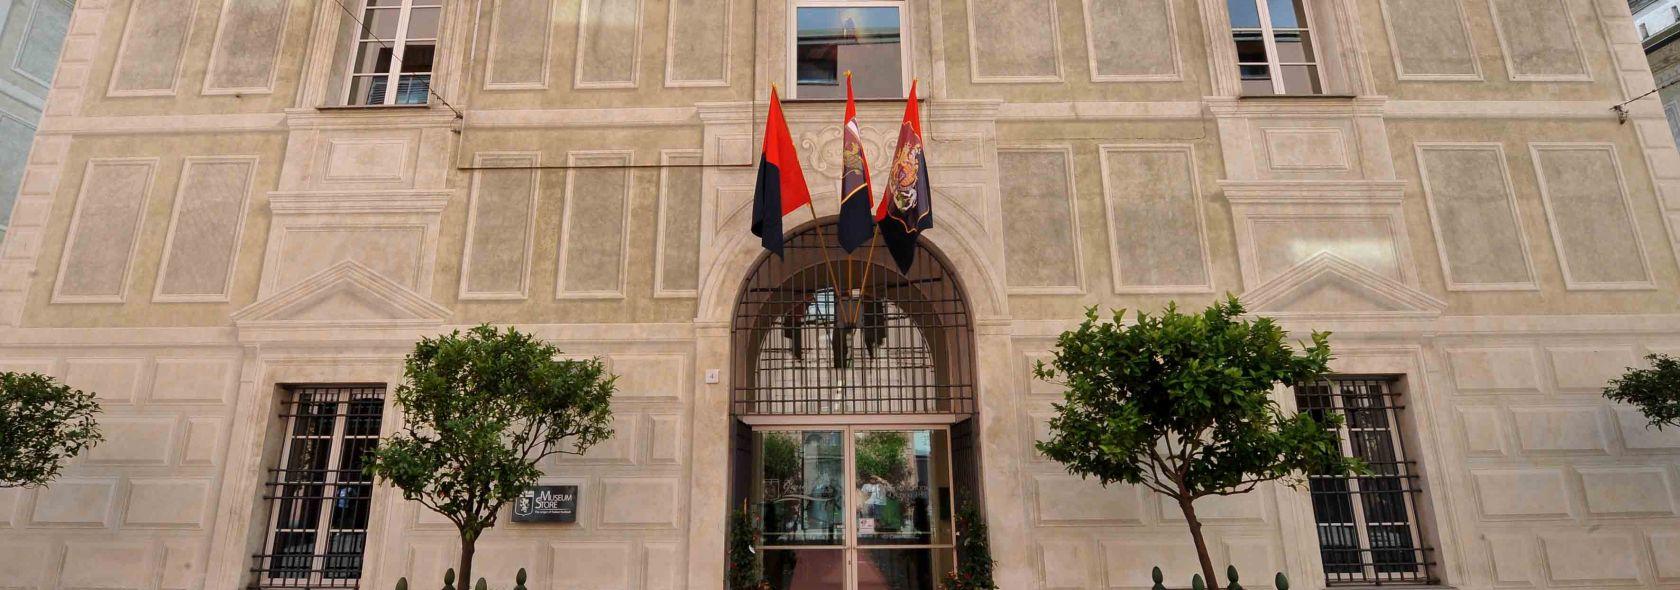 Museo della Storia del Genoa - Palazzina San Giobatta